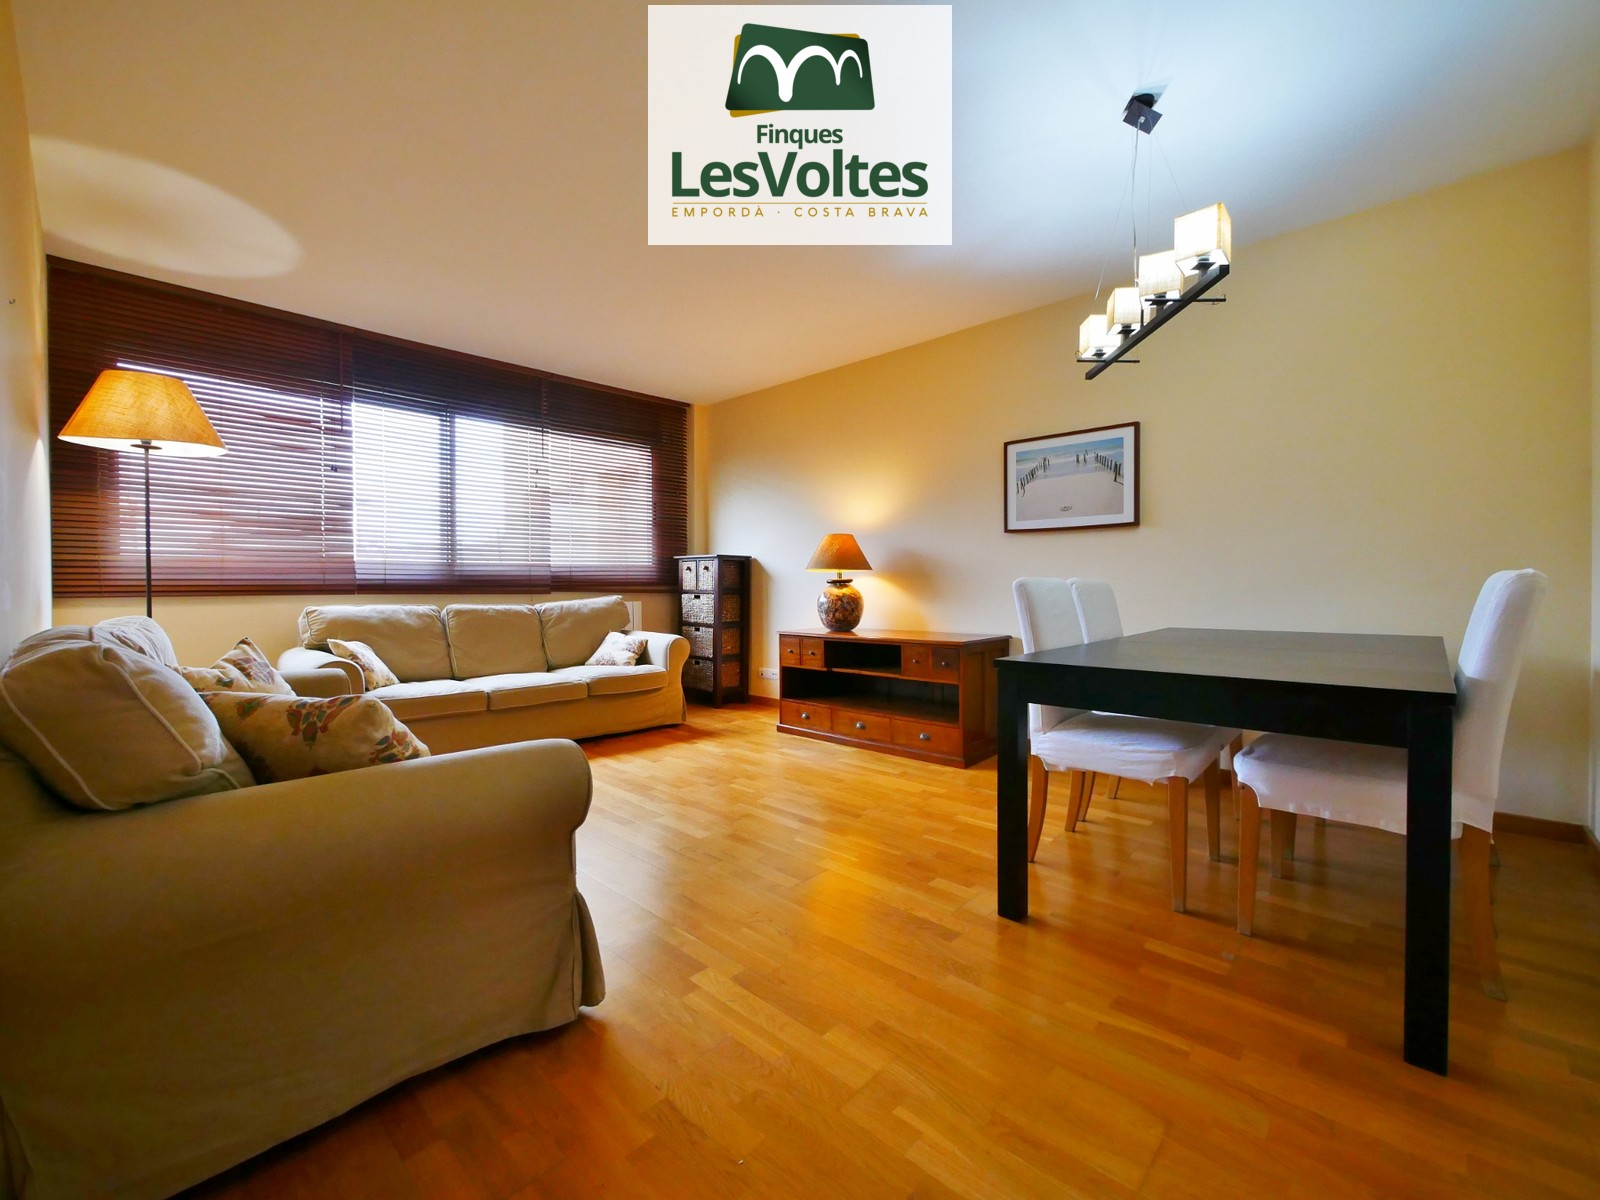 Magnífic pis de 3 habitacions en venda en immillorable situació al Centre de Palafrugell.